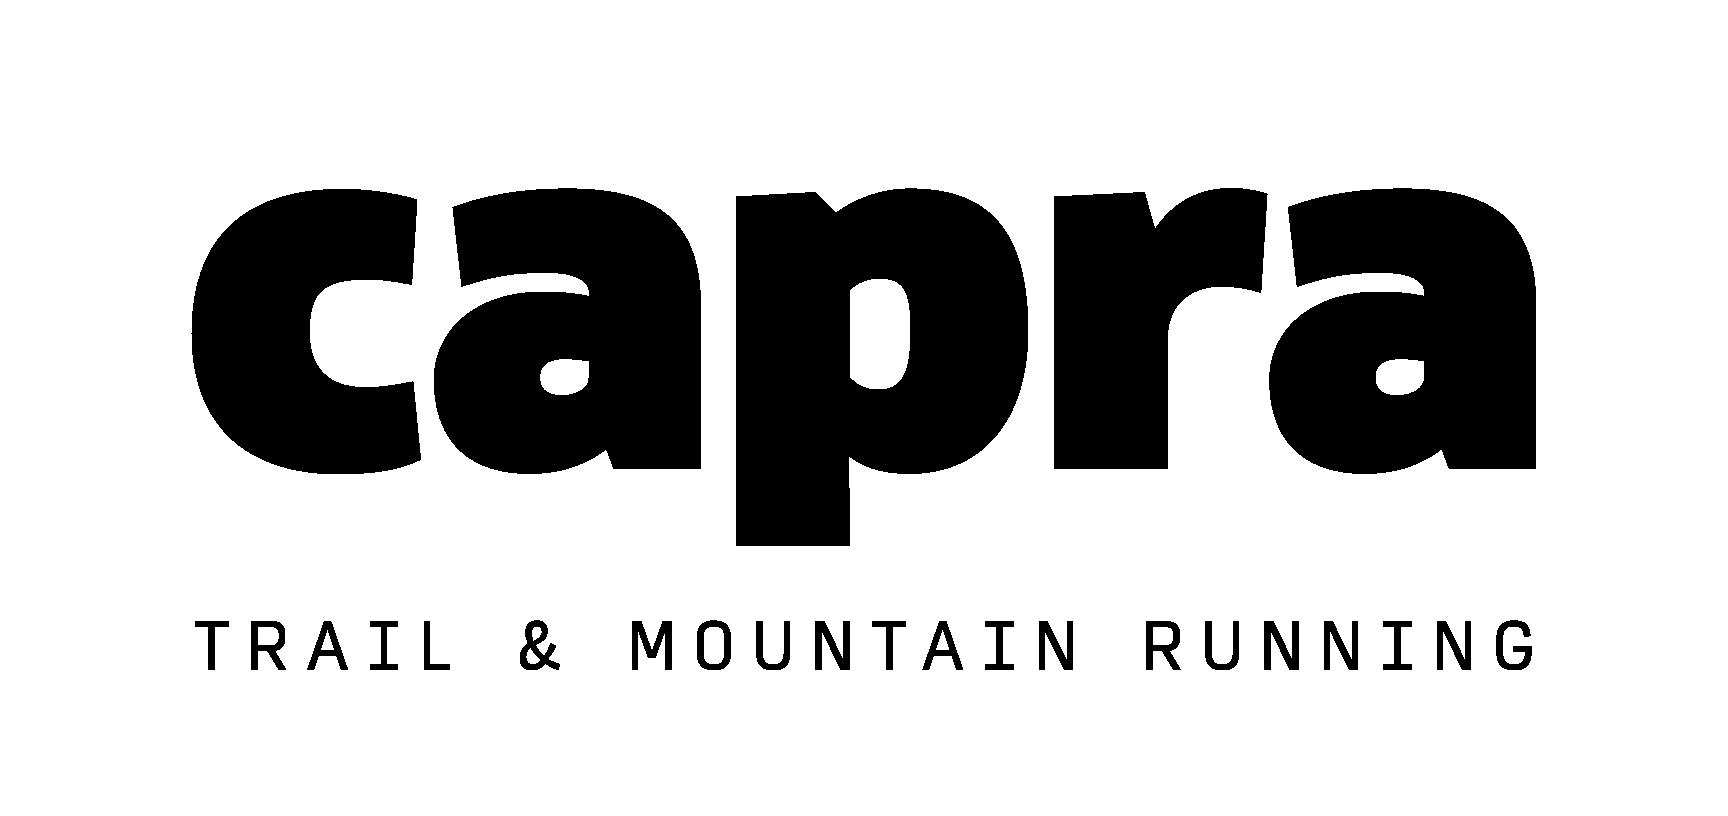 60b26a11c97c5.png